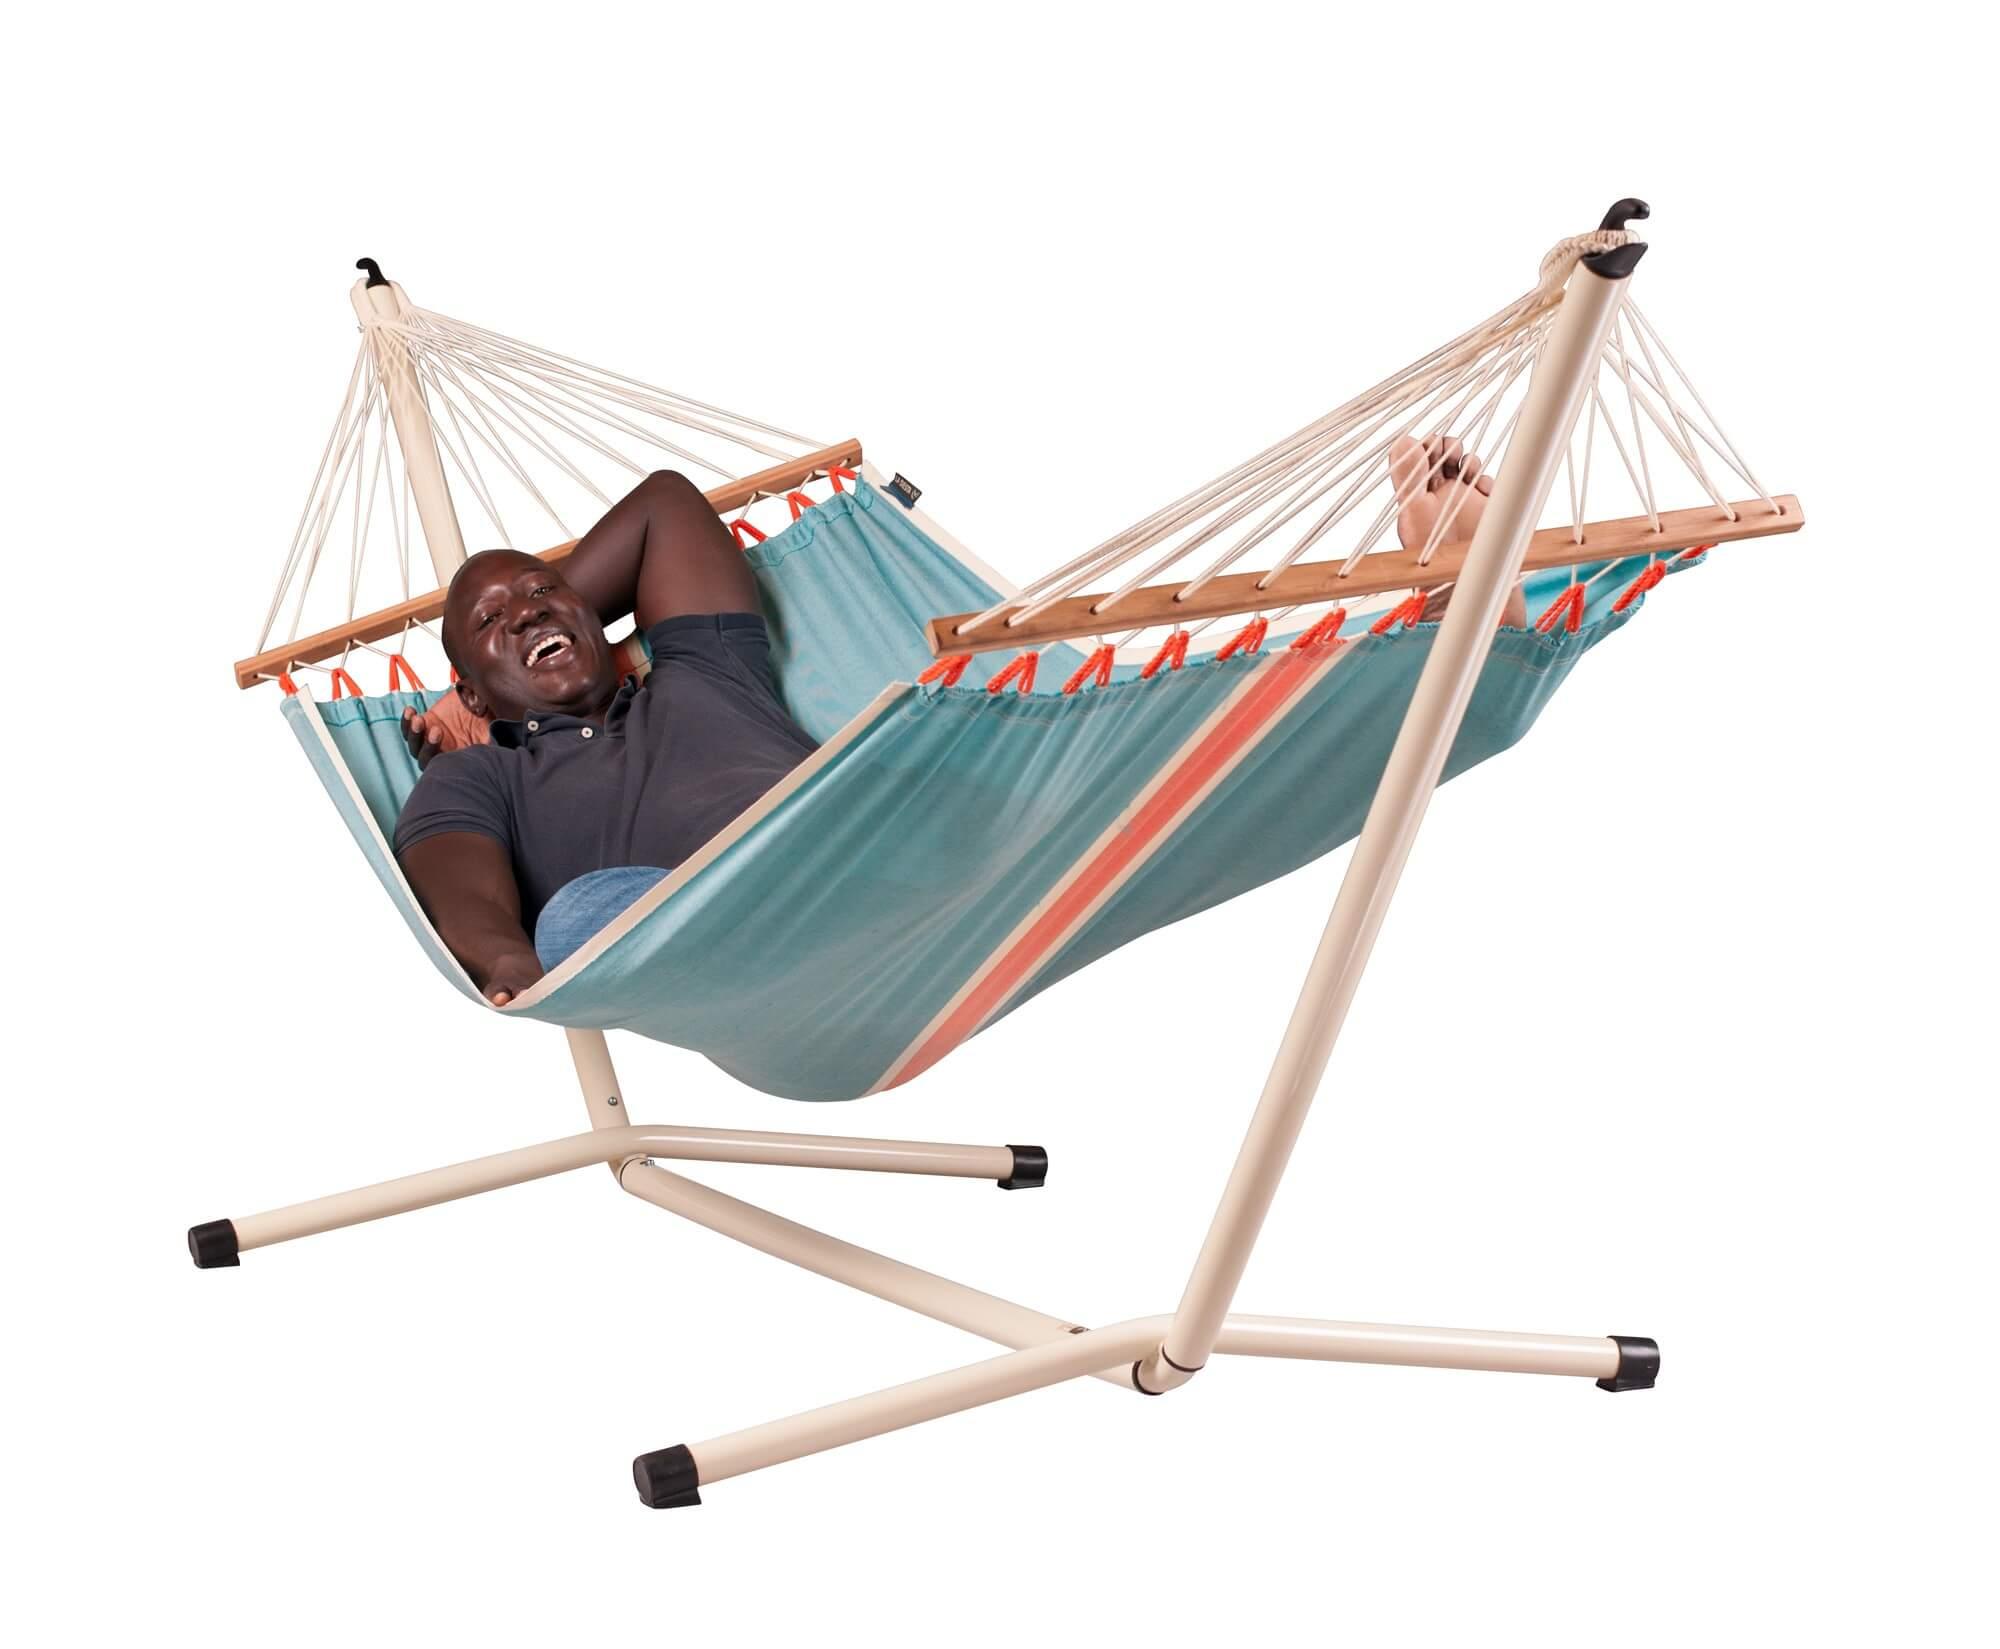 h ngematte cura ao mit st nder. Black Bedroom Furniture Sets. Home Design Ideas